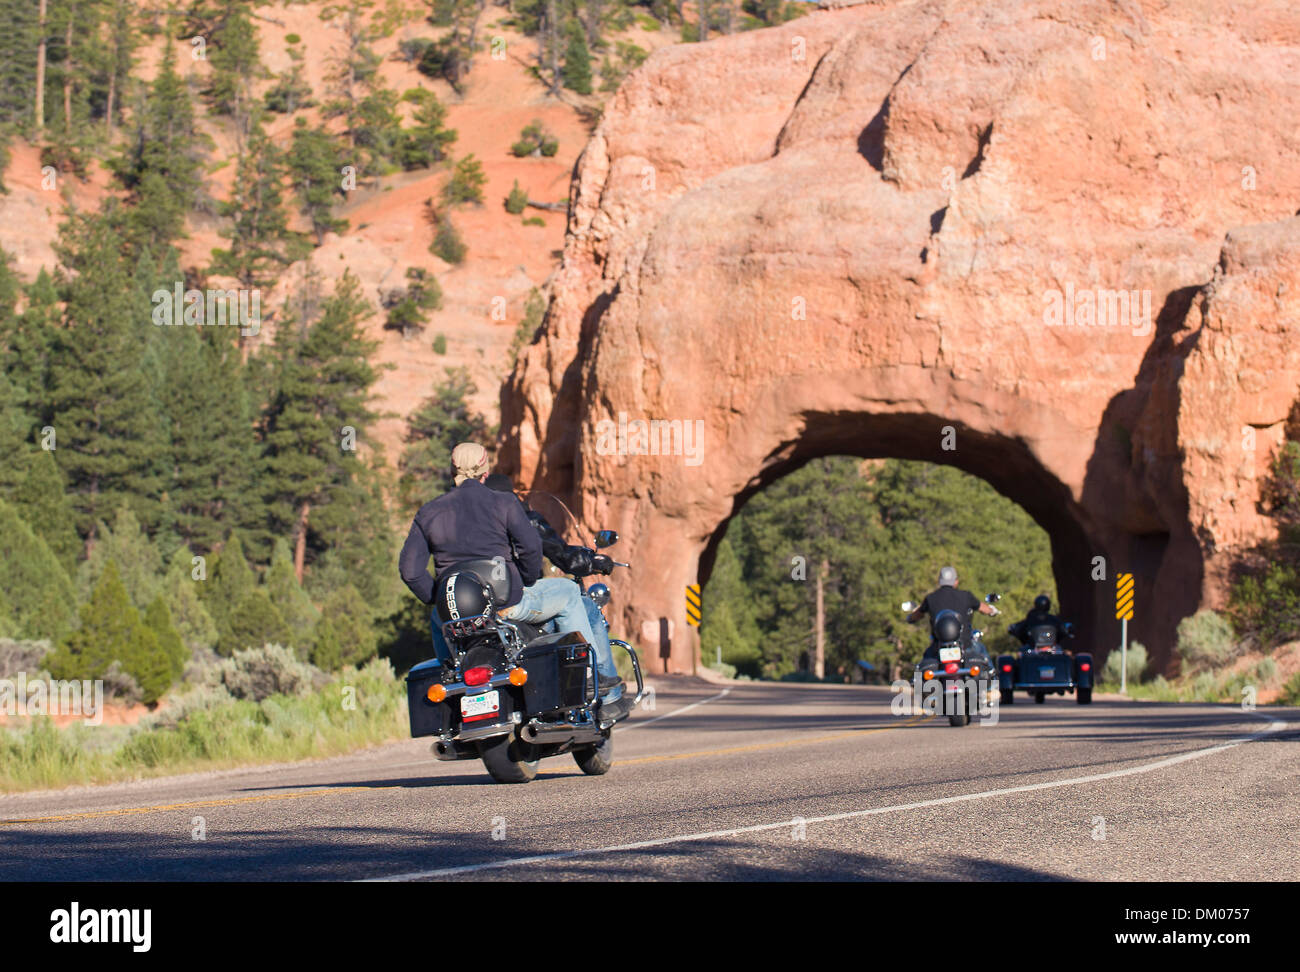 harley davidson on road through red rock canyon, bryce, utah, usa